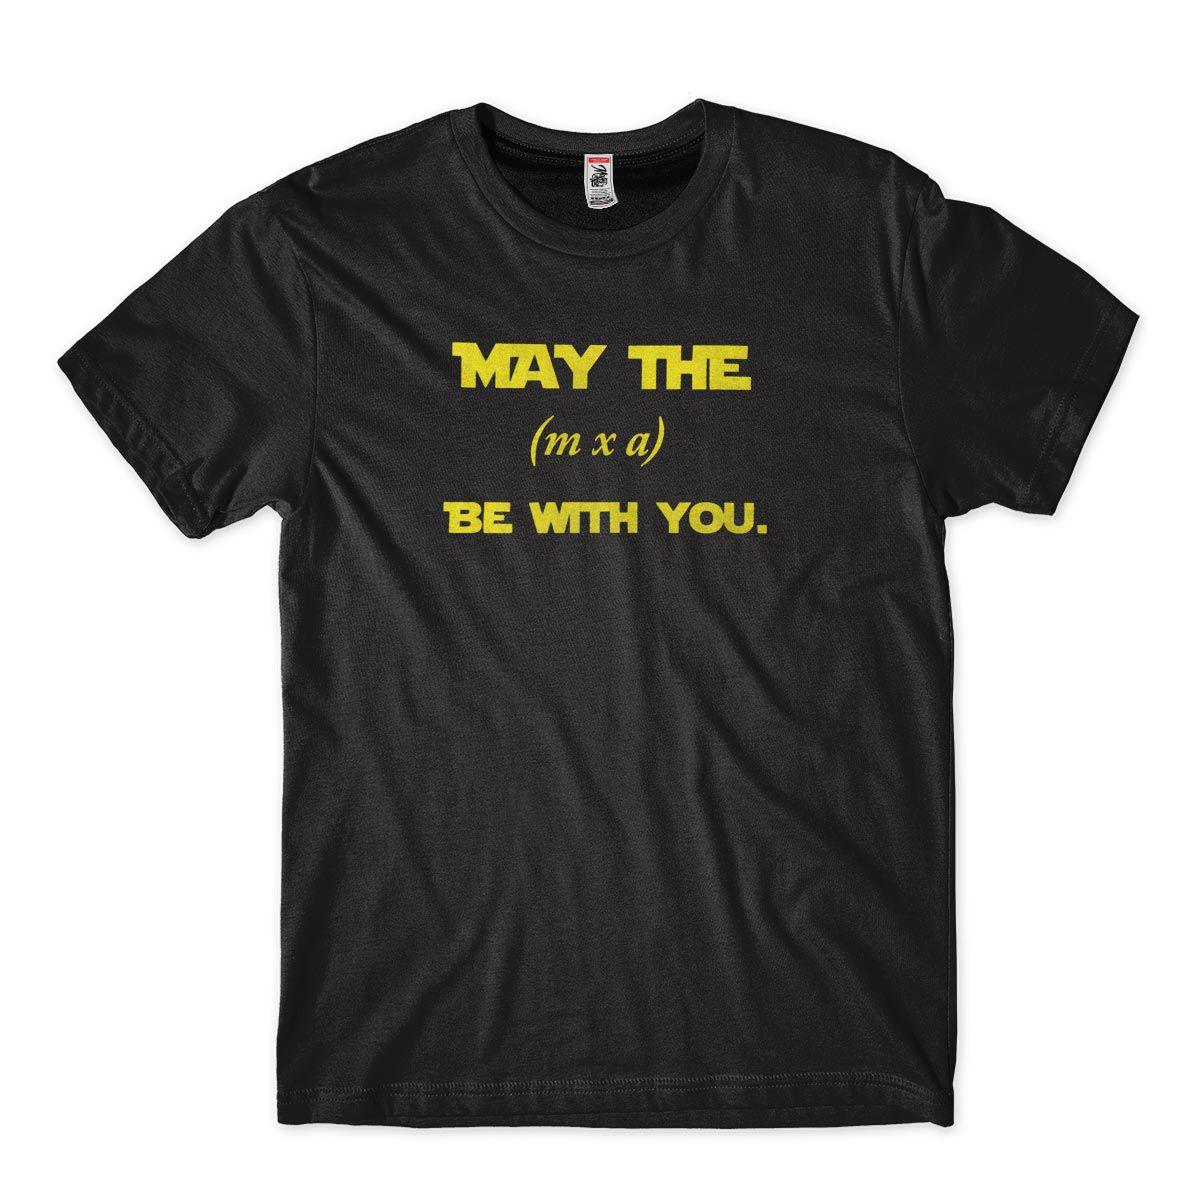 Camiseta Fisico Satira Stars War Forca Massa Aceleracao